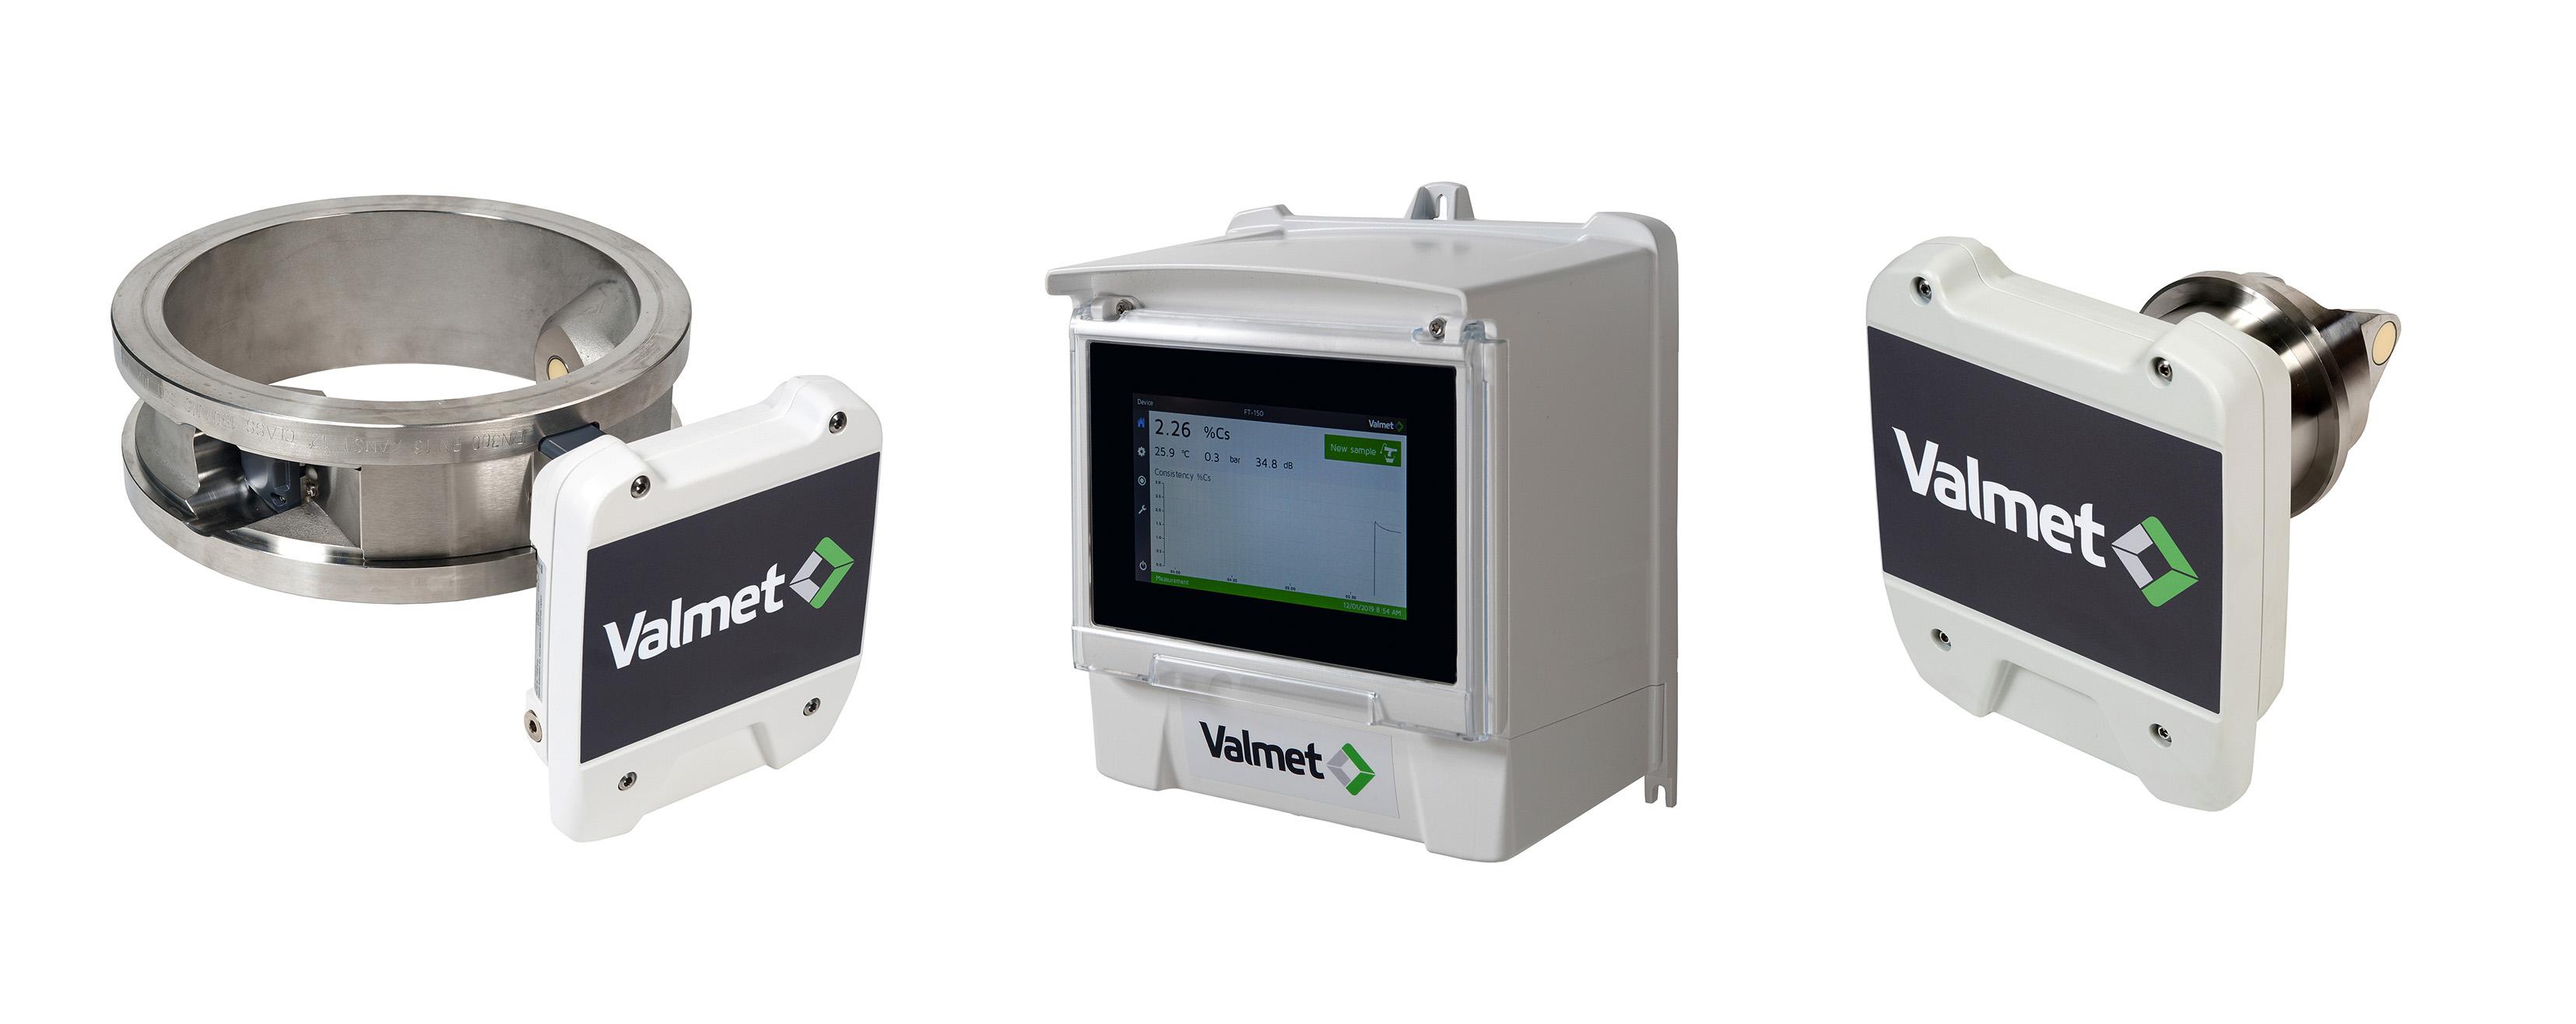 Valmet tuo markkinoille täysin uudistetun Valmet Total Solids Measurement (Valmet TS) -mittauksen